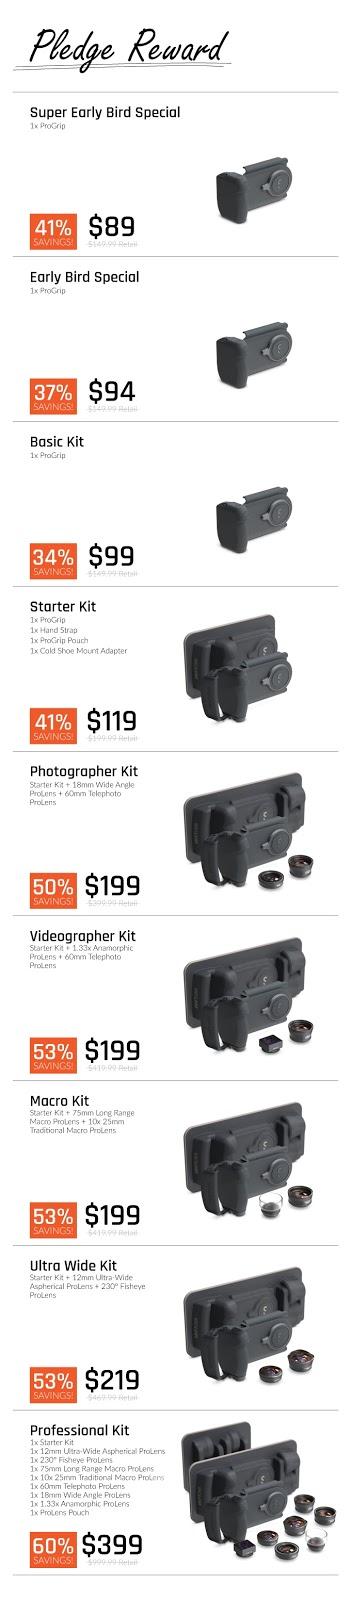 【攝影器材】手機就是專業相機,ShiftCam ProGrip 手機攝影全新體驗 - 透過募資平台,ShiftCam 提供 9 種 ProGrip 套組